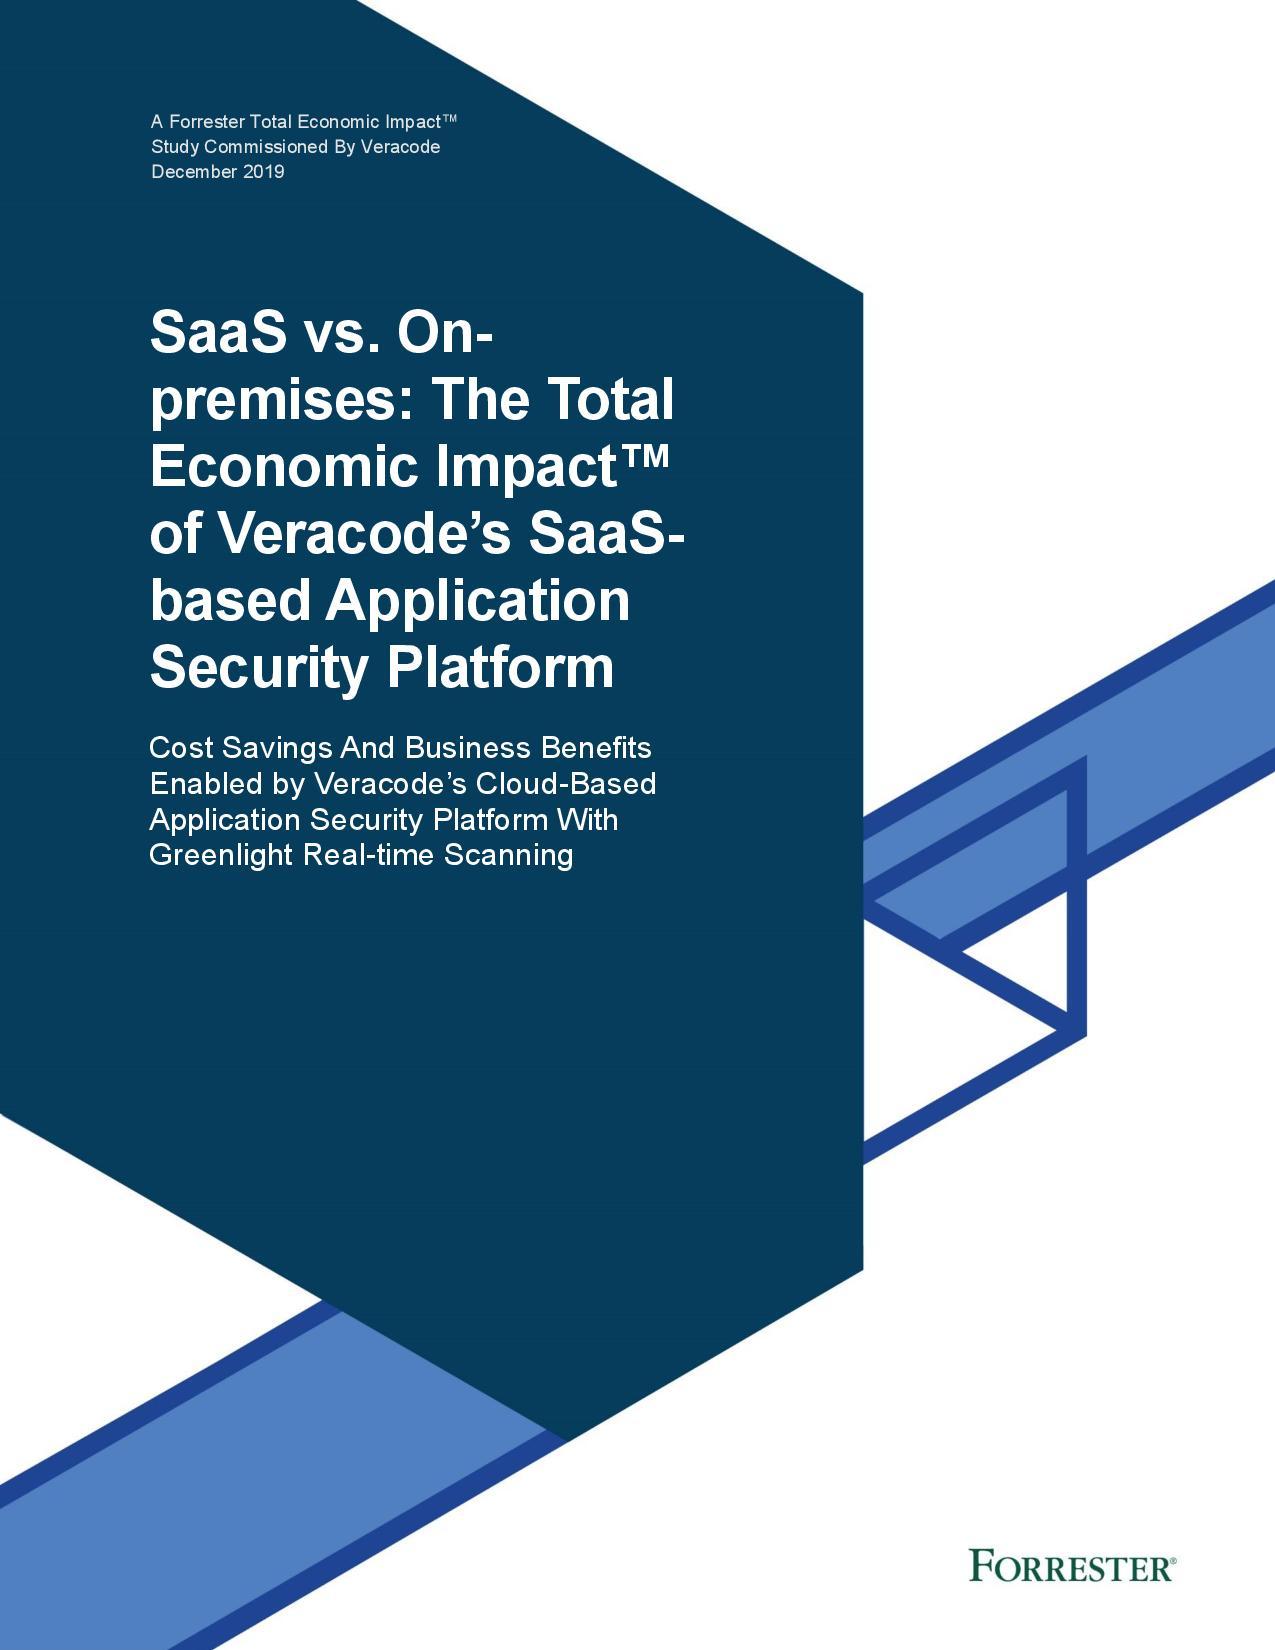 Les logiciels de sécurité (SaaS) par rapport aux applications sur site: L'Impact Economique Total de la plateforme des applications de sécurité SaaS de Veracode